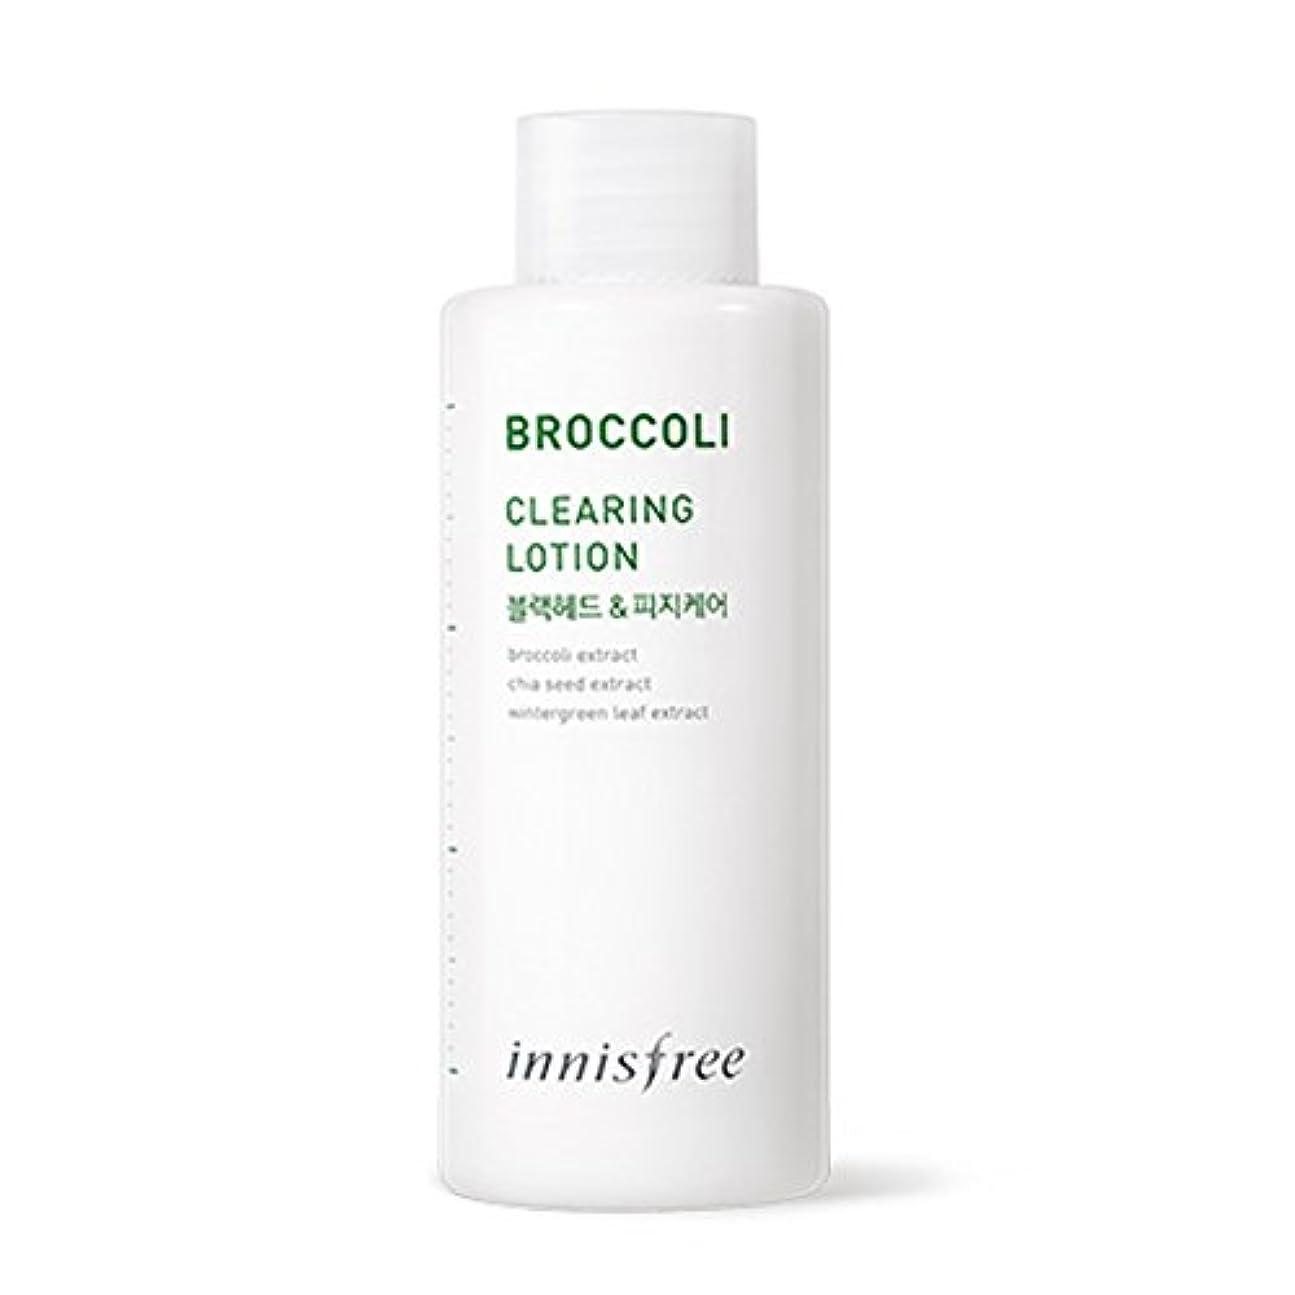 偽混乱させるセントイニスフリーブロッコリークリアリングローション(エマルジョン)130ml Innisfree Broccoli Clearing Lotion(Emulsion) 130ml [海外直送品][並行輸入品]